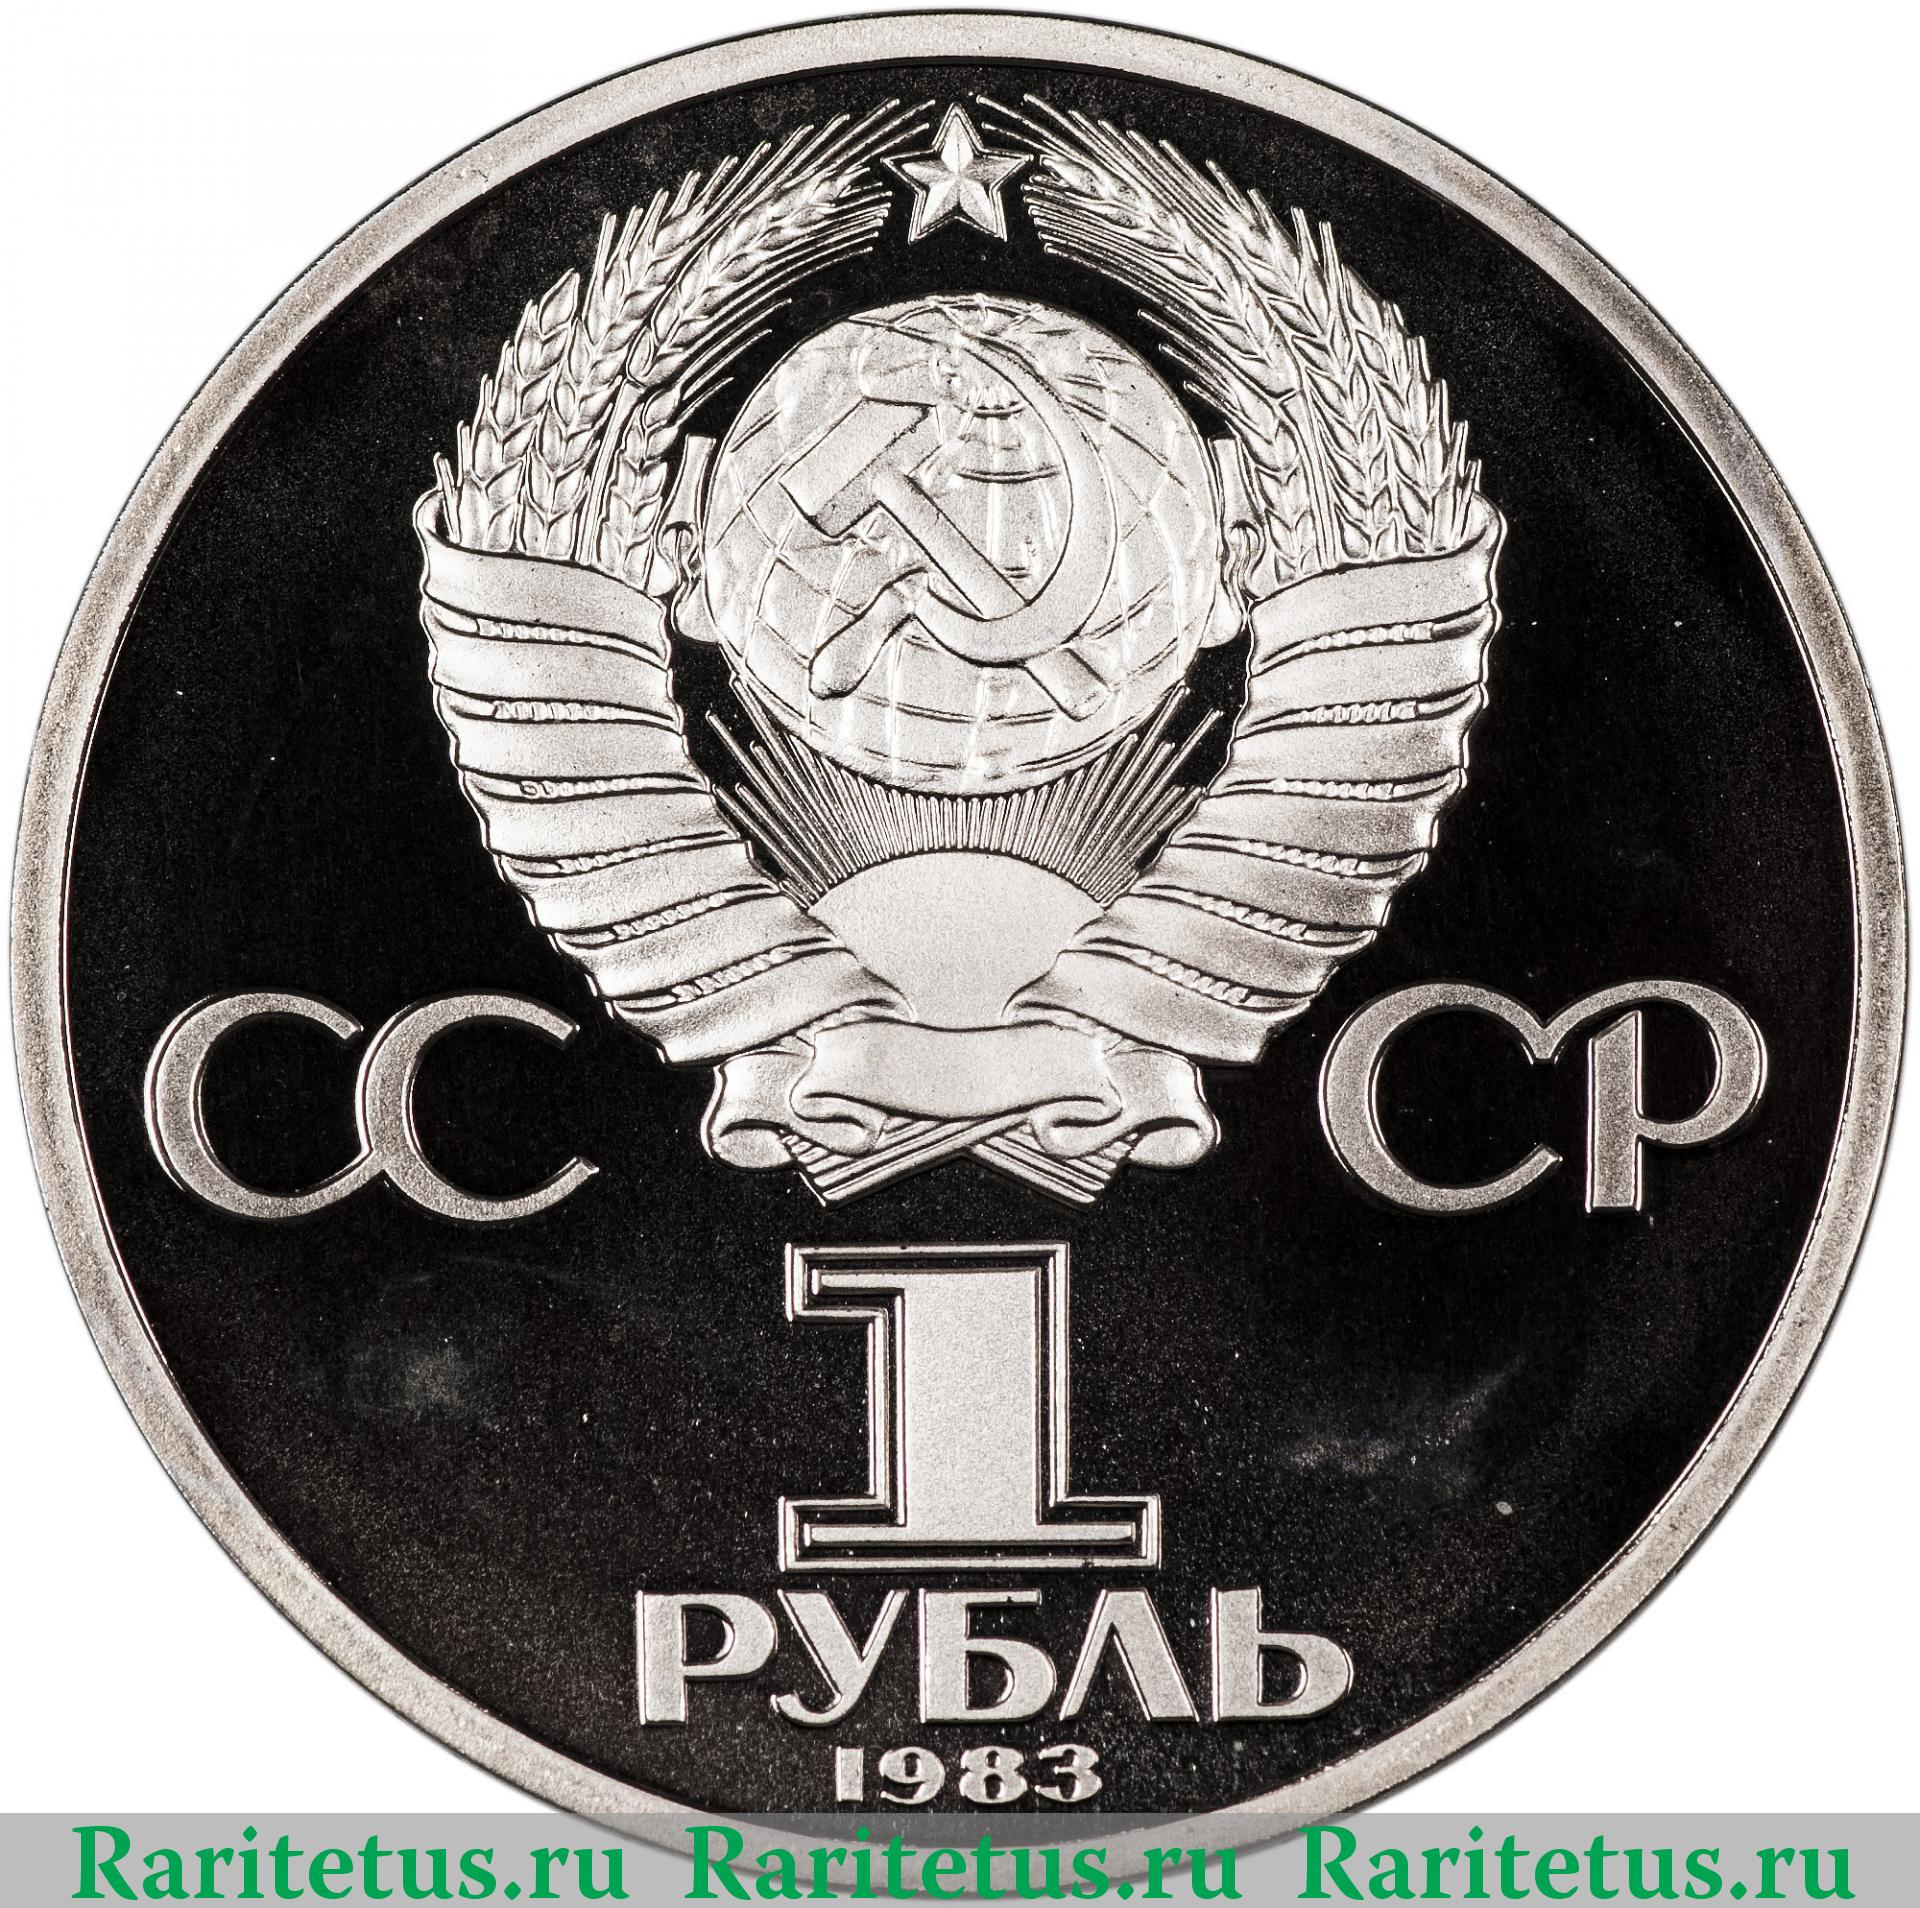 Стоимость 1 рубль 1983 года терешкова всу га